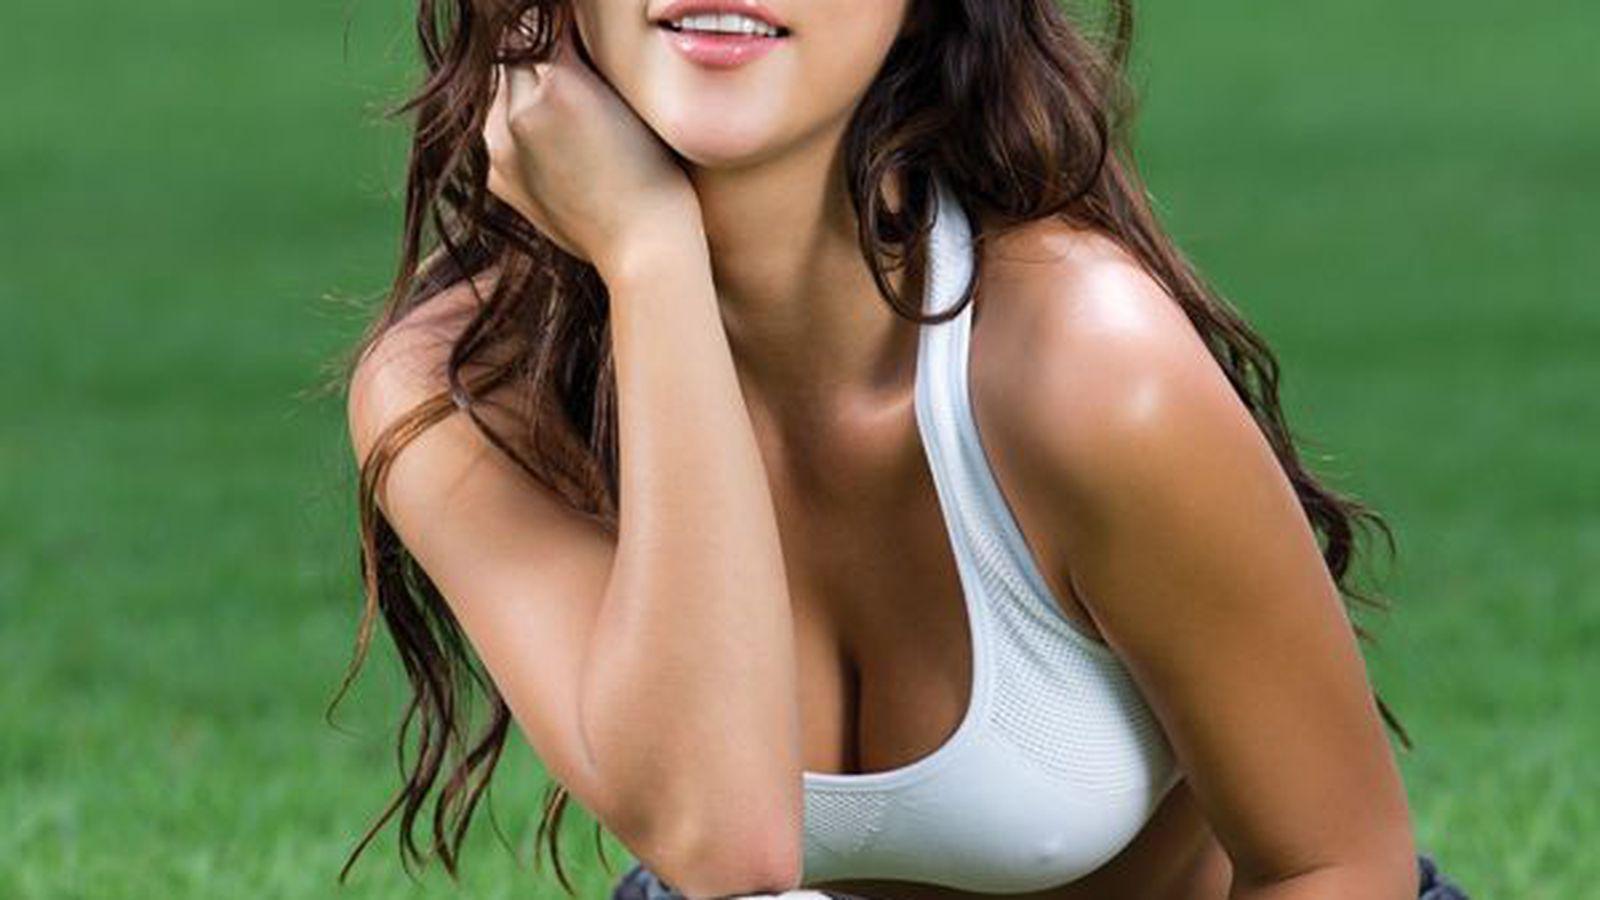 Sexy Arianny Celeste Maxim Korea Photos Are Ballsy -7844